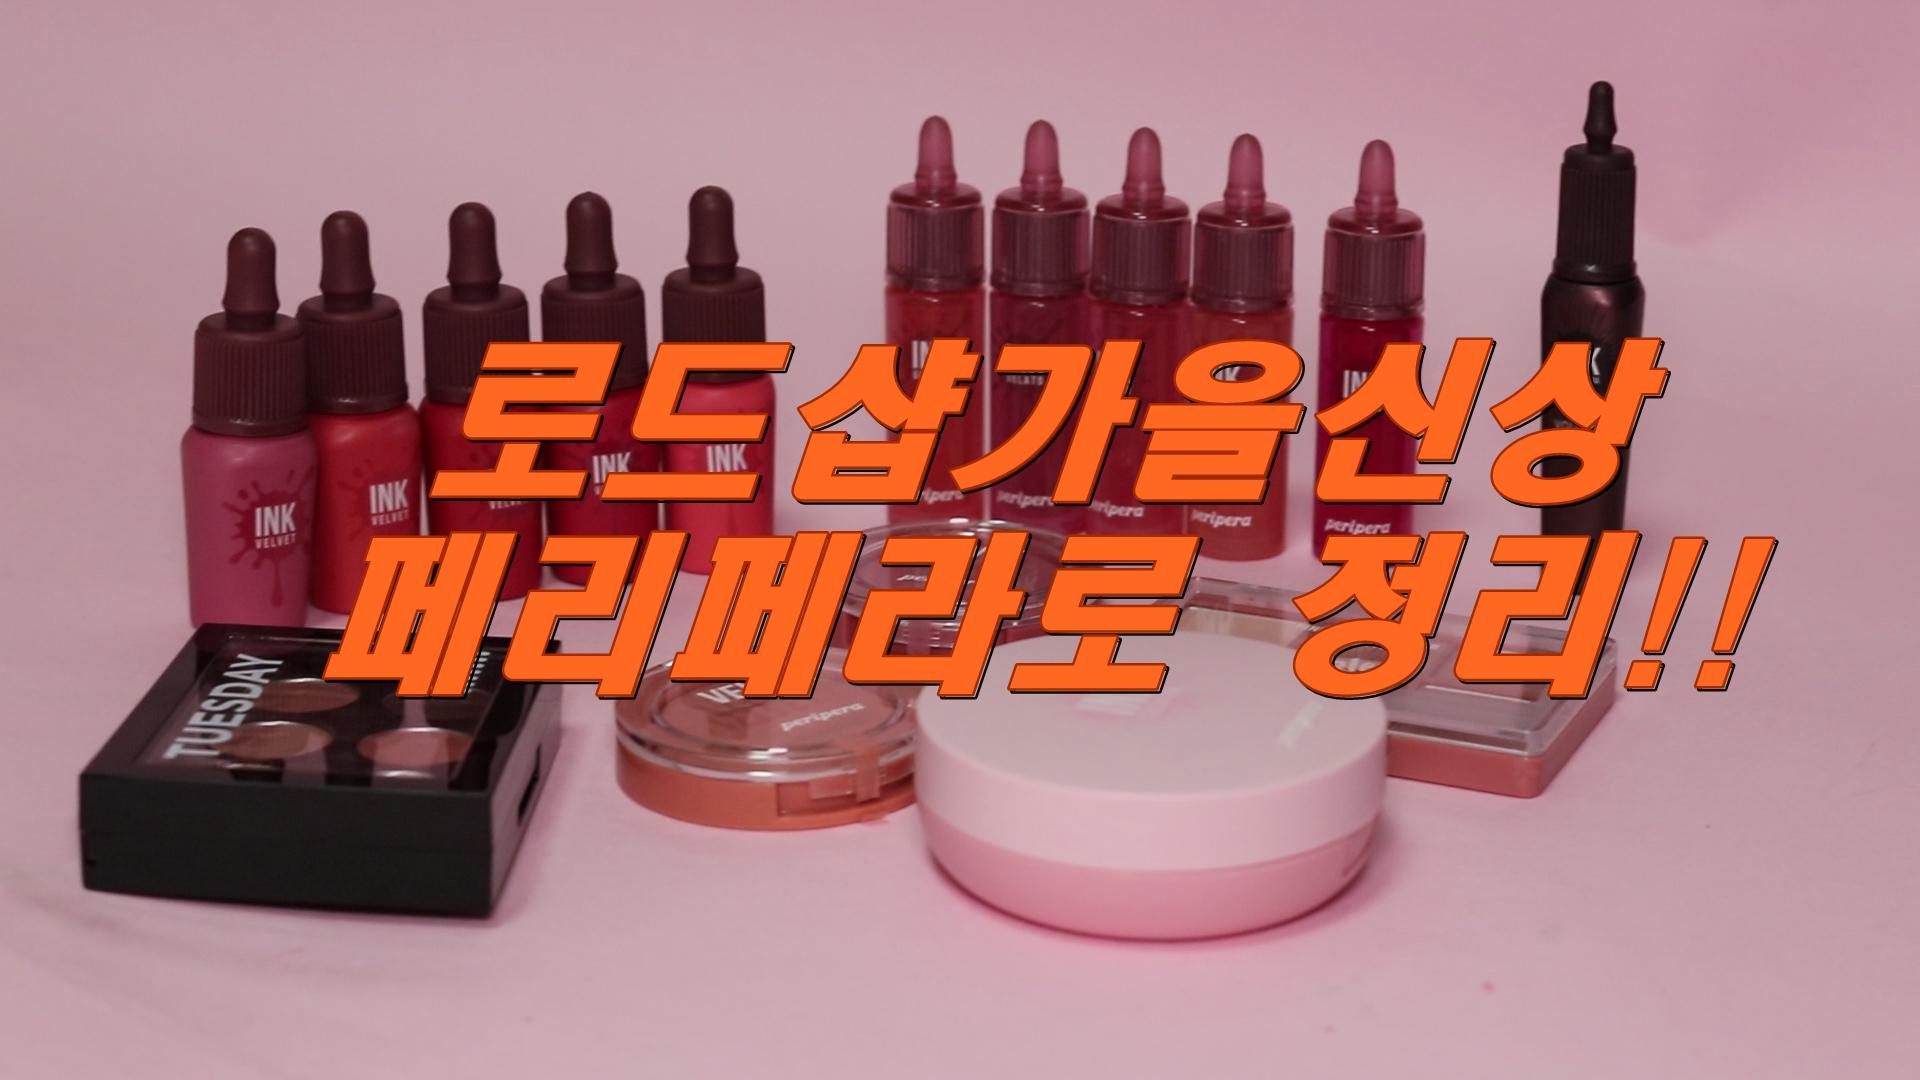 [1분팁]로드샵가을신상 정리_페리페라 핑크의순간 잉크더젤라또부터 잉크더벨벳까지!